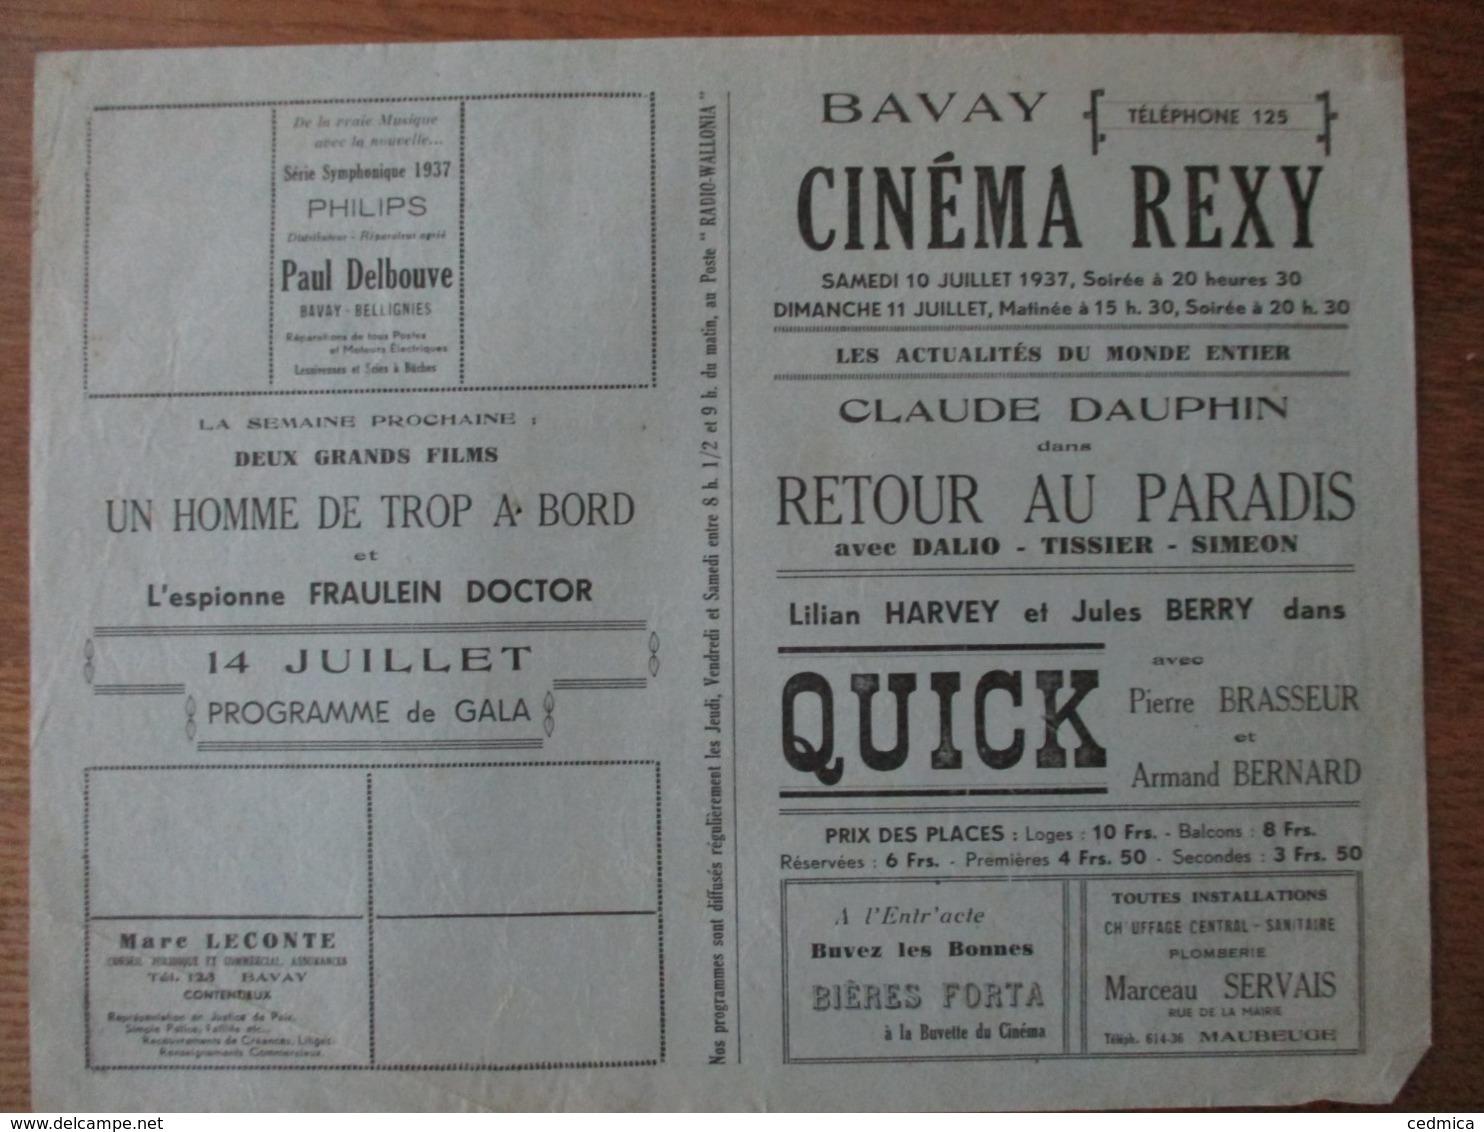 BAVAY CINEMA  REXY 10 ET 11 JUILLET 1937 RETOUR AU PARADIS AVEC CLAUDE DAUPHIN ET QUICK AVEC PIERRE BRASSEUR - Programmes